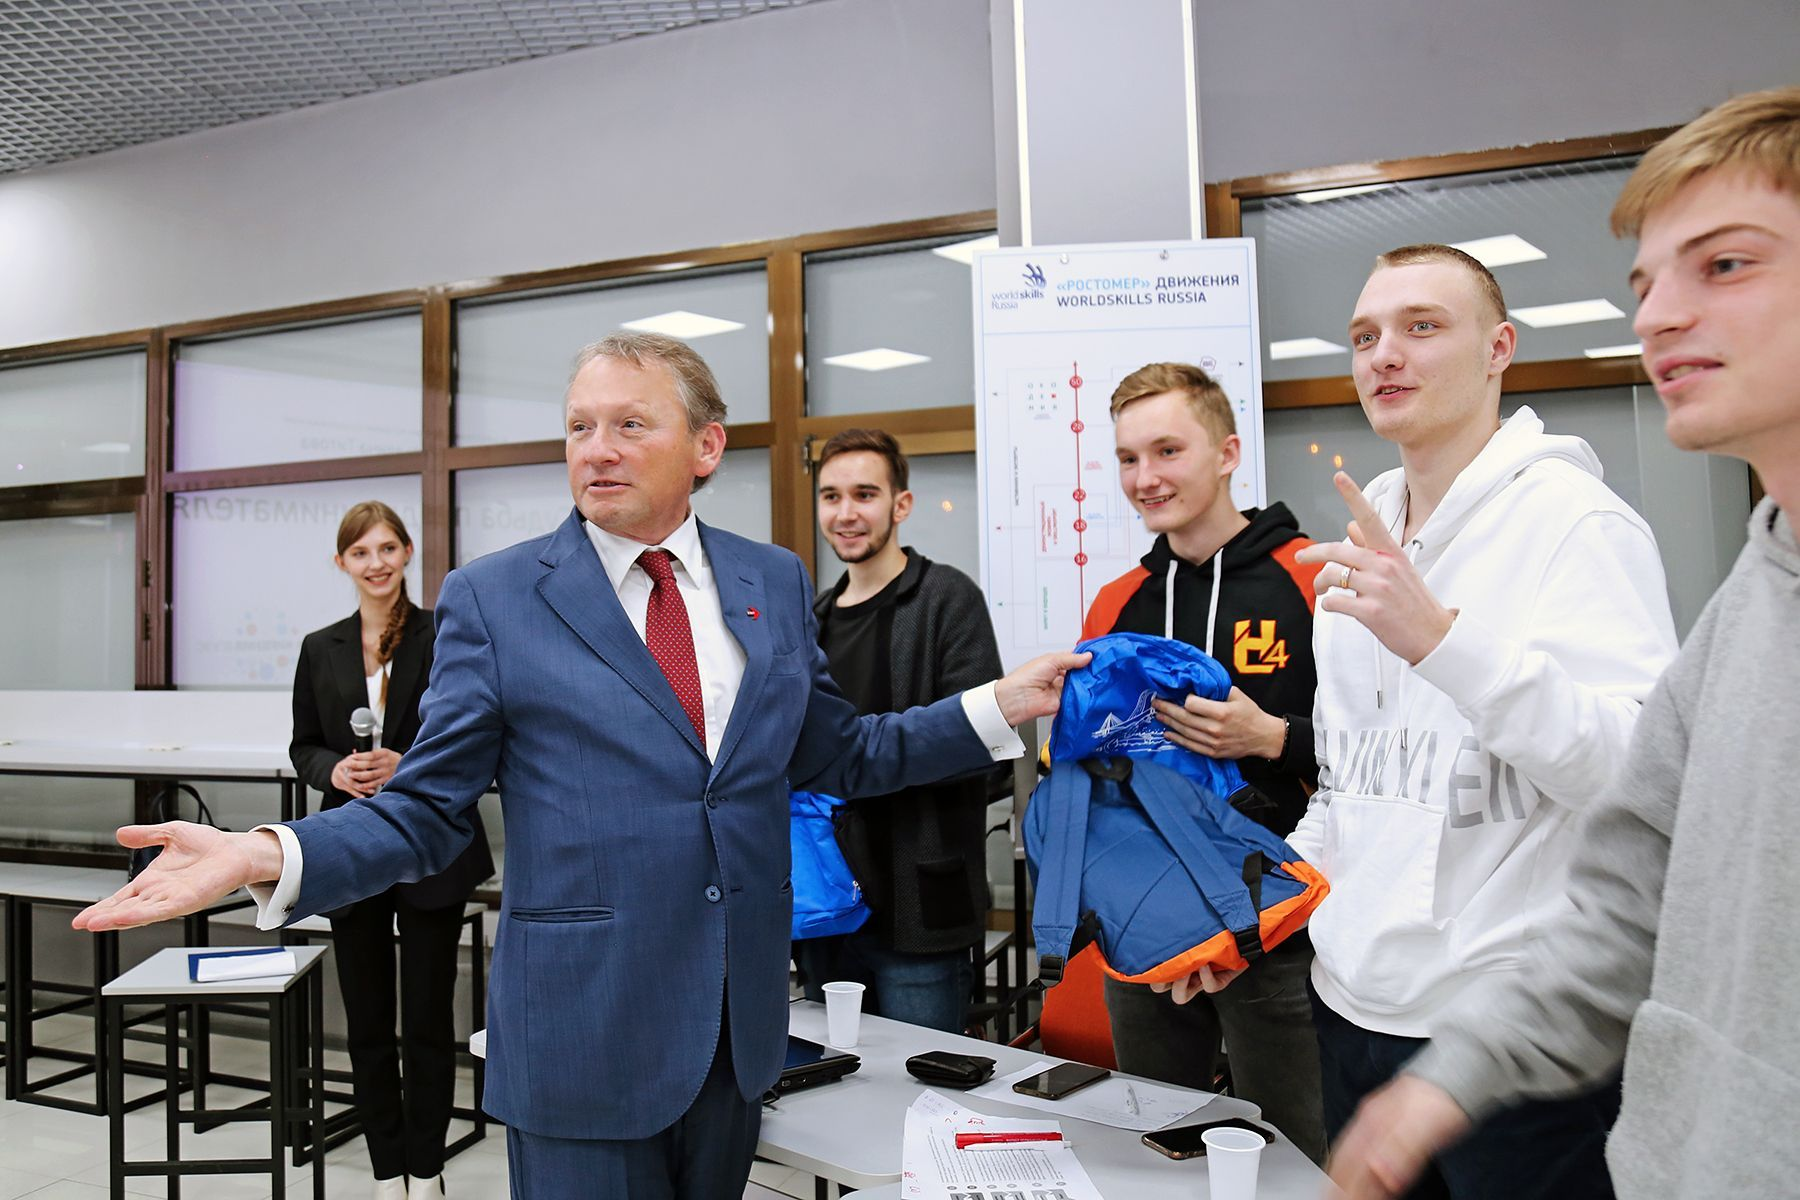 Уполномоченный при президенте РФ по правам предпринимателей Борис Титов наградил студентов кафедры, победивших в экономической игре